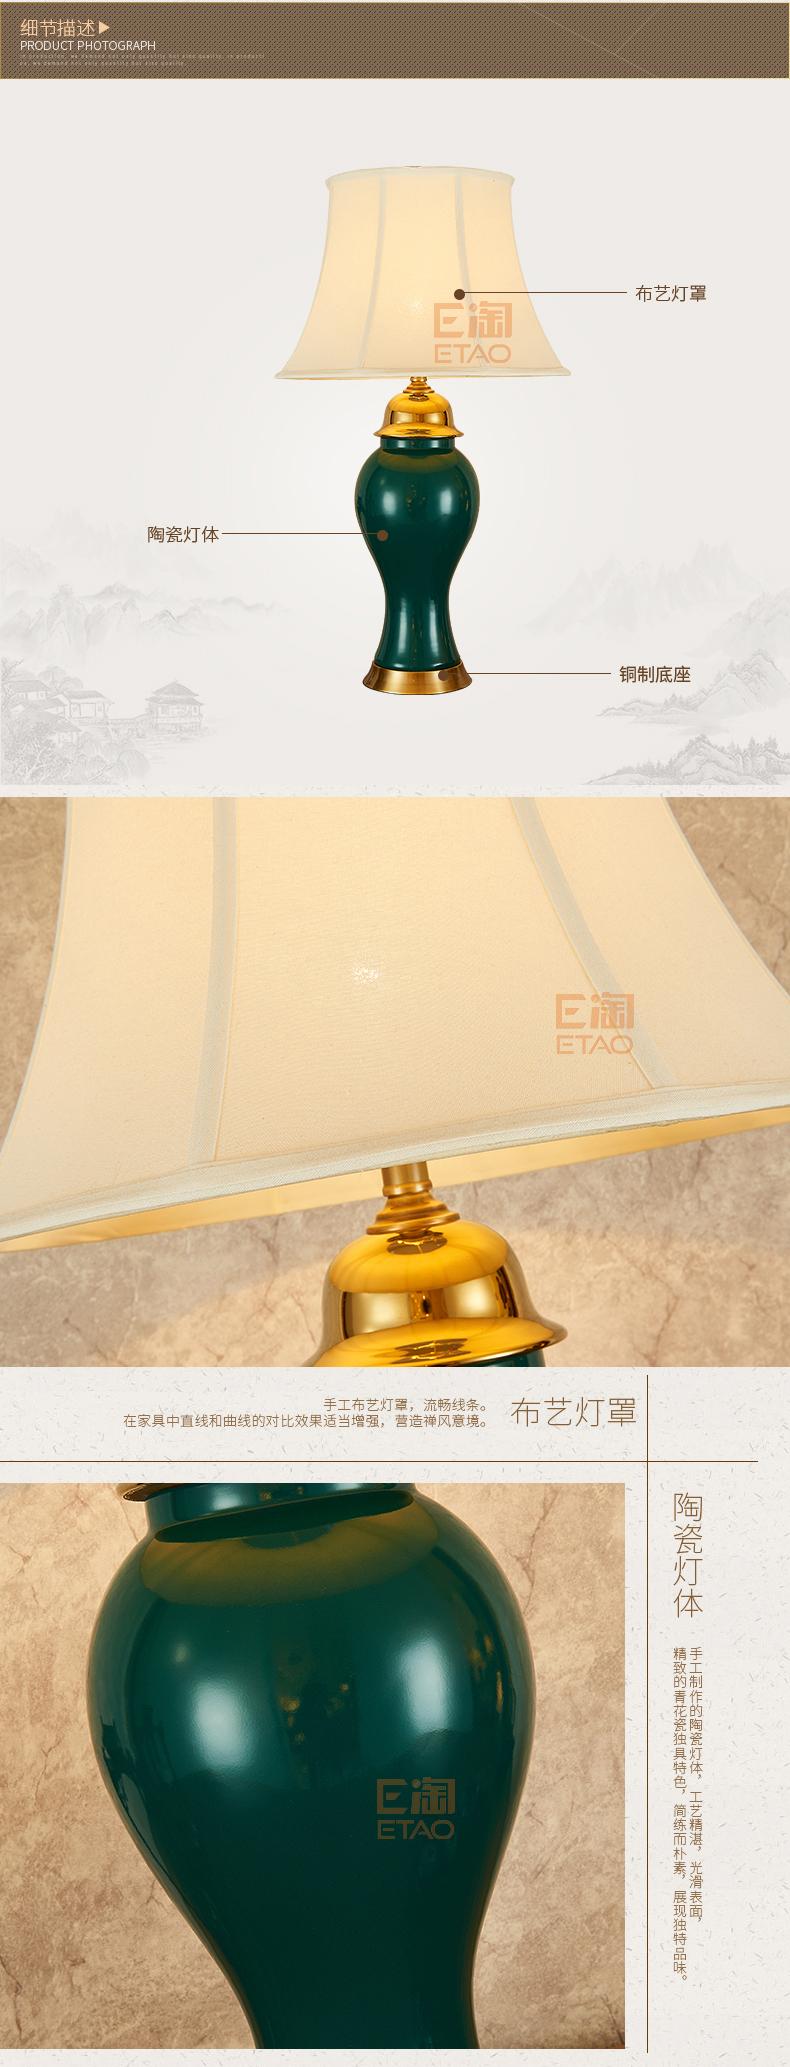 钰熙·雅瓷MT18402L (3)